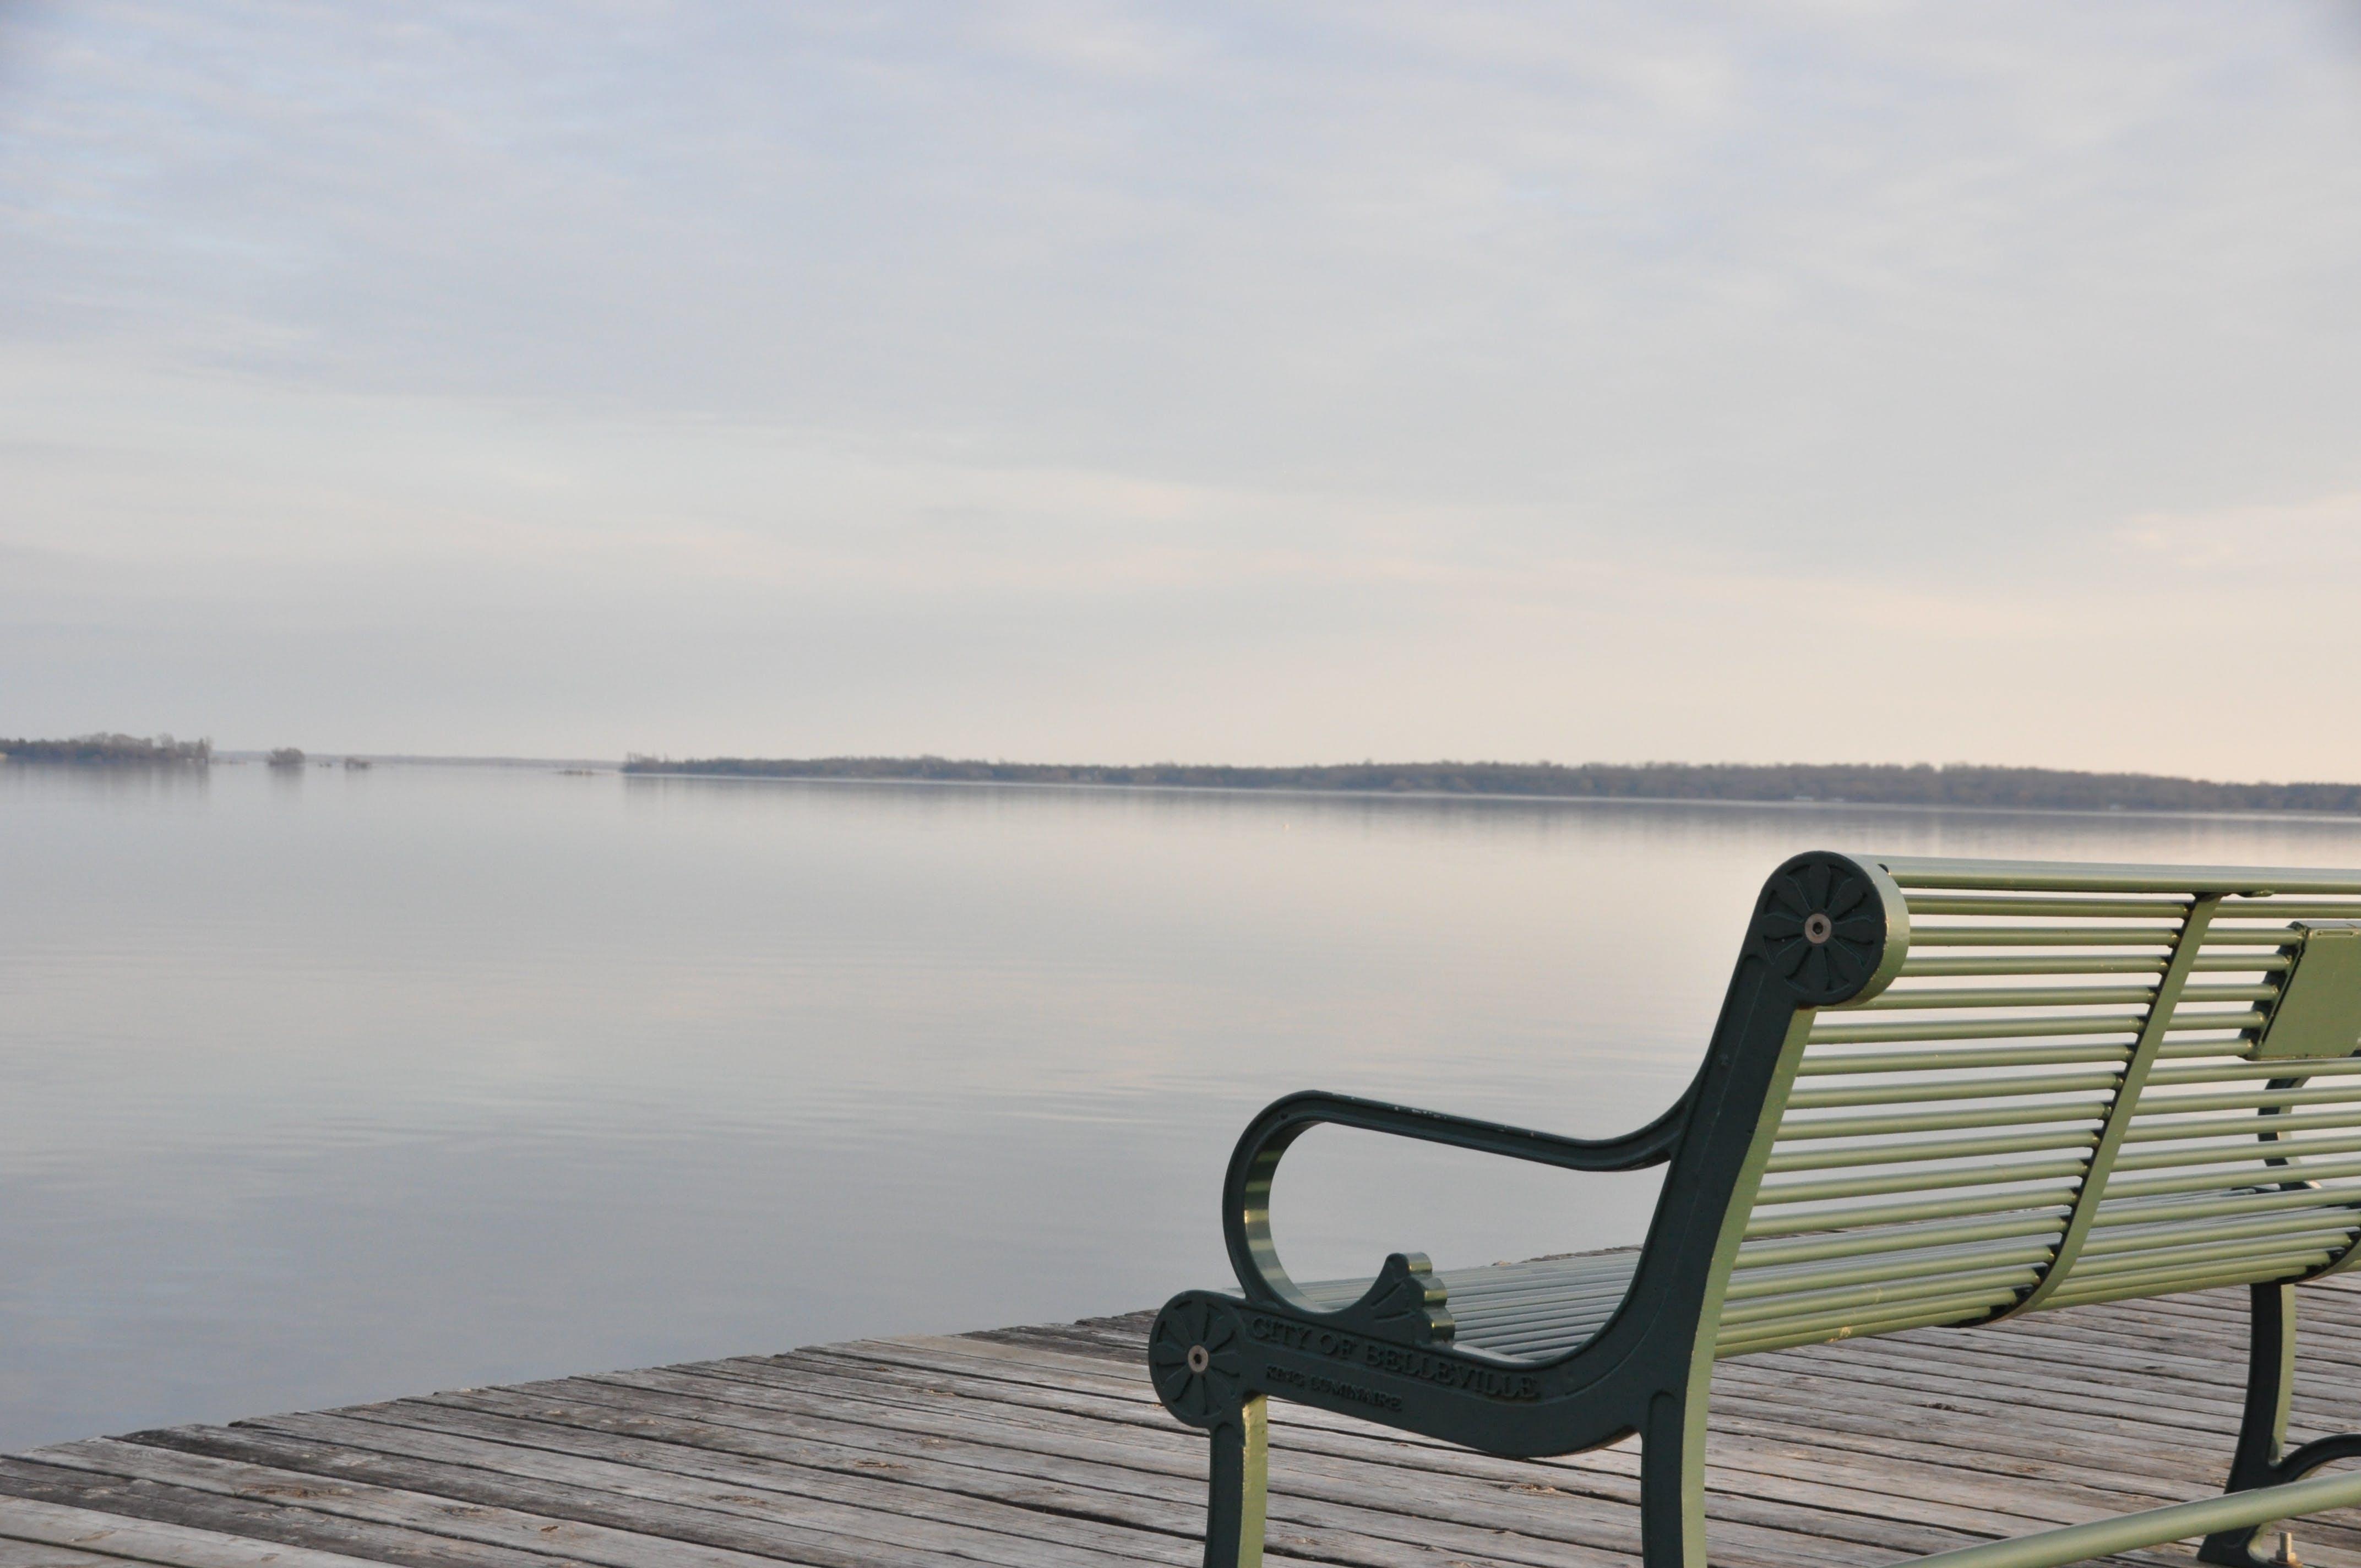 Δωρεάν στοκ φωτογραφιών με ακτή, αυγή, δύση του ηλίου, έδρα